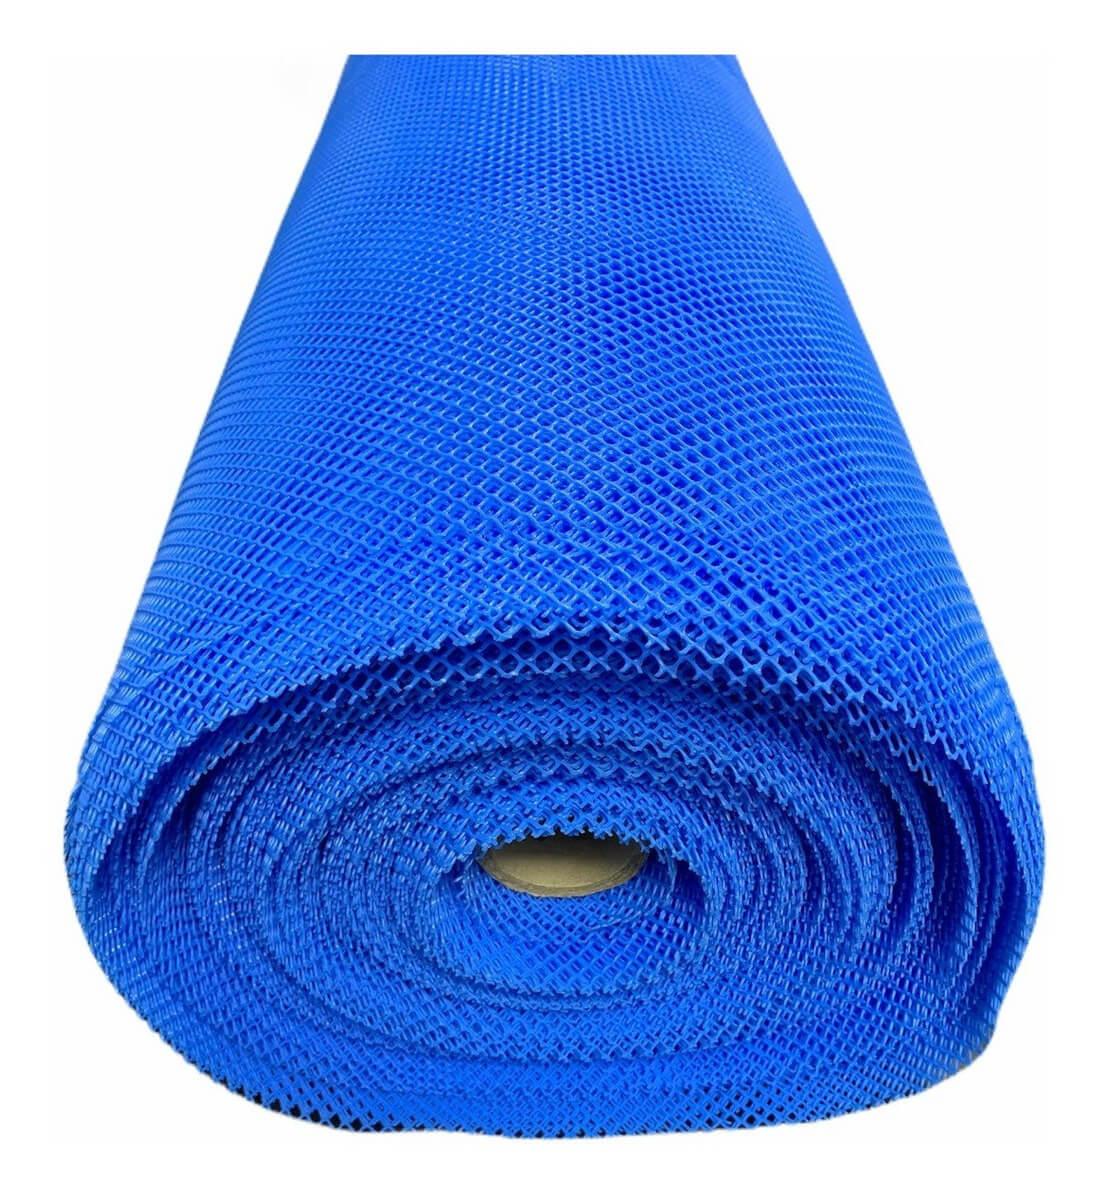 Tela Piscicultura Azul Peixe Alevino 4 Mm Pead 1x50m